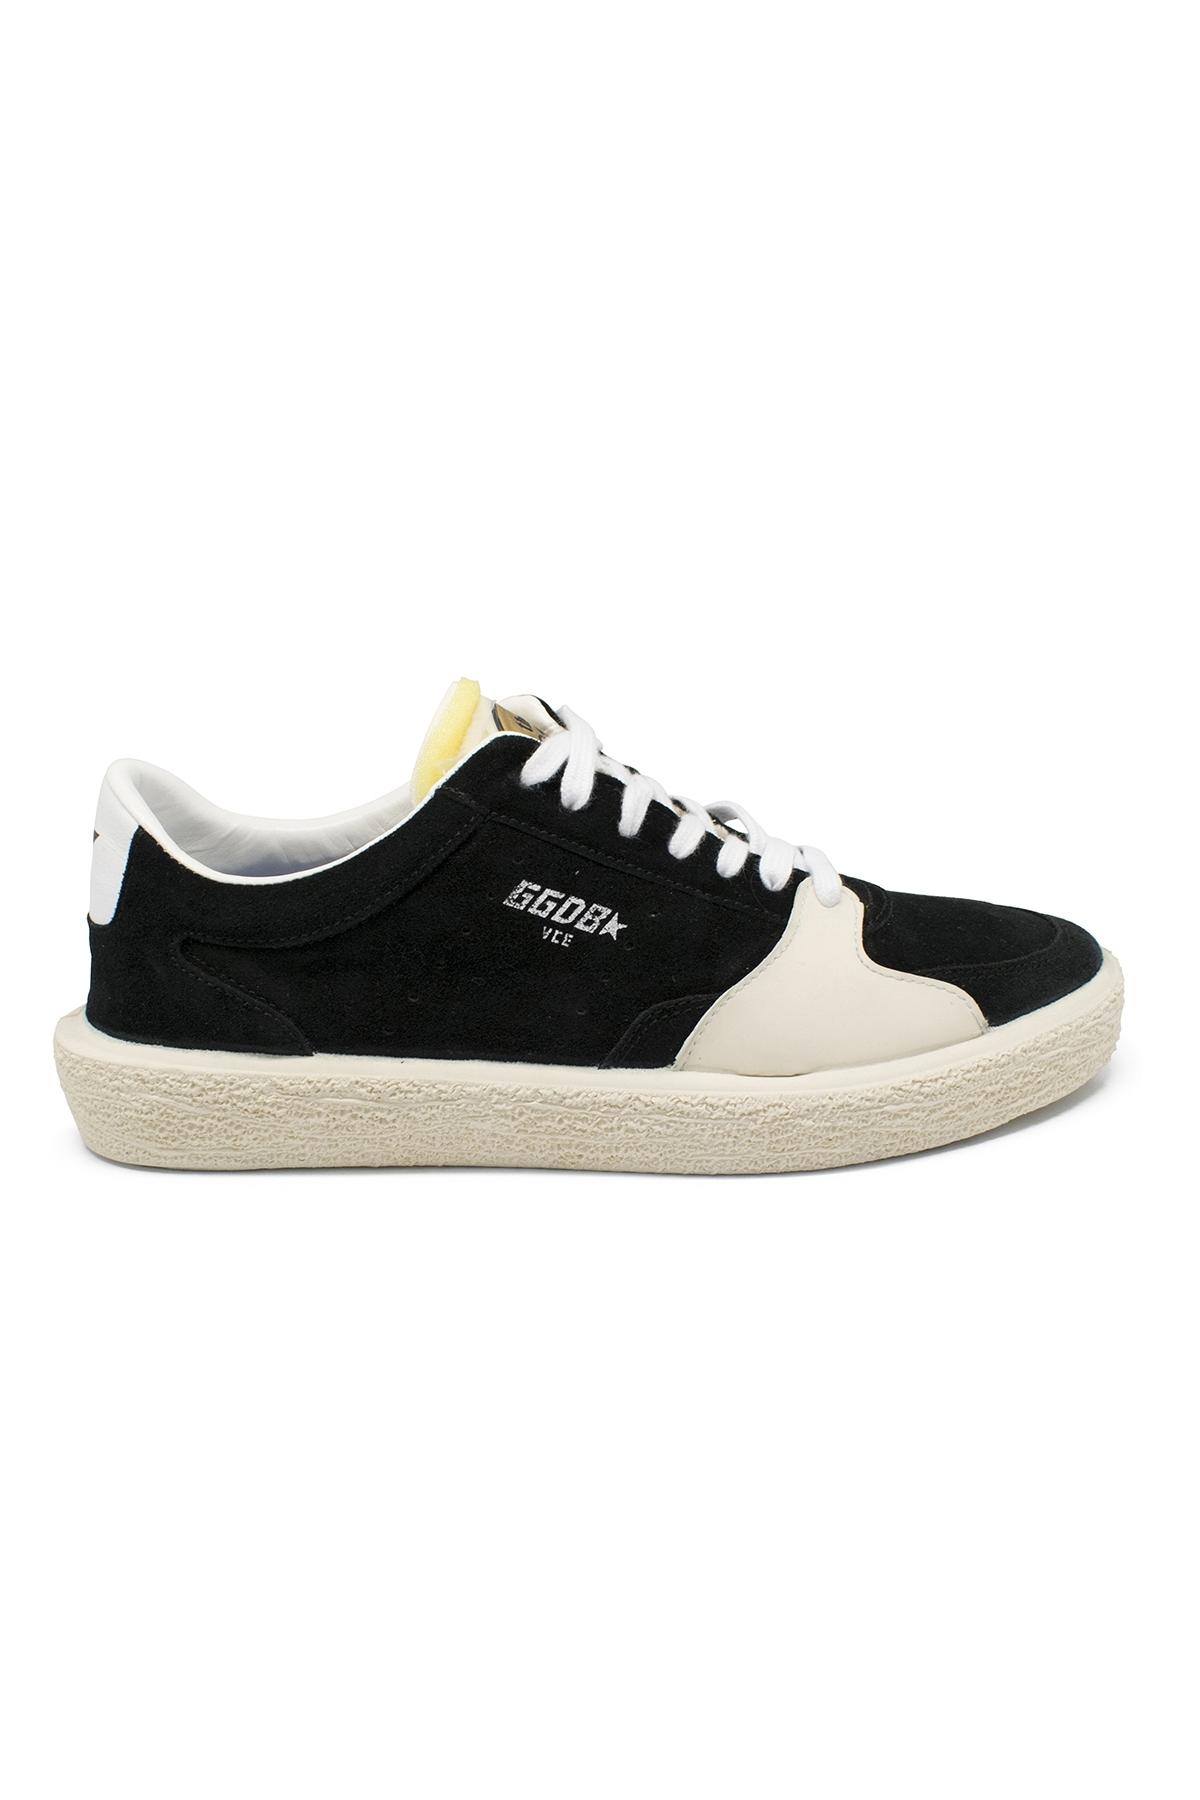 Golden Goose Tennis sneakers in black suede